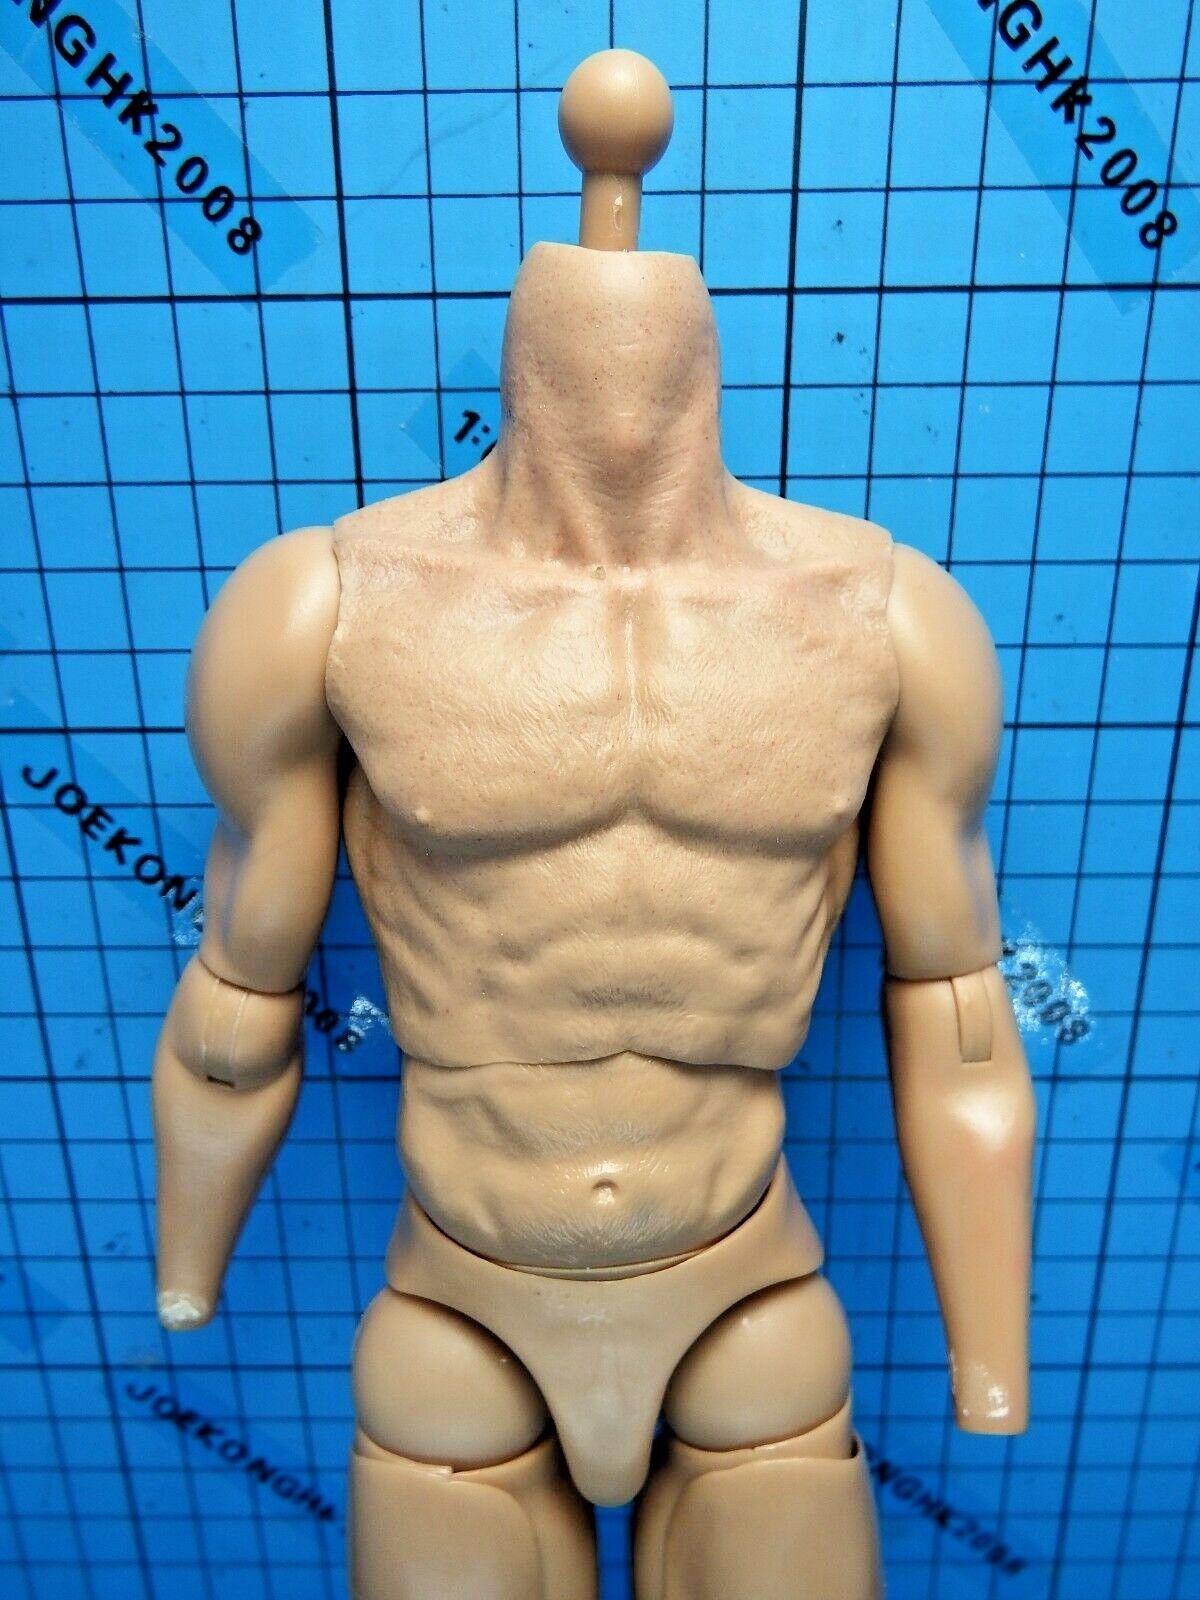 Heißes spielzeug bis 6 mms175 die avengers thor bild - muskulösen körper mit flecken